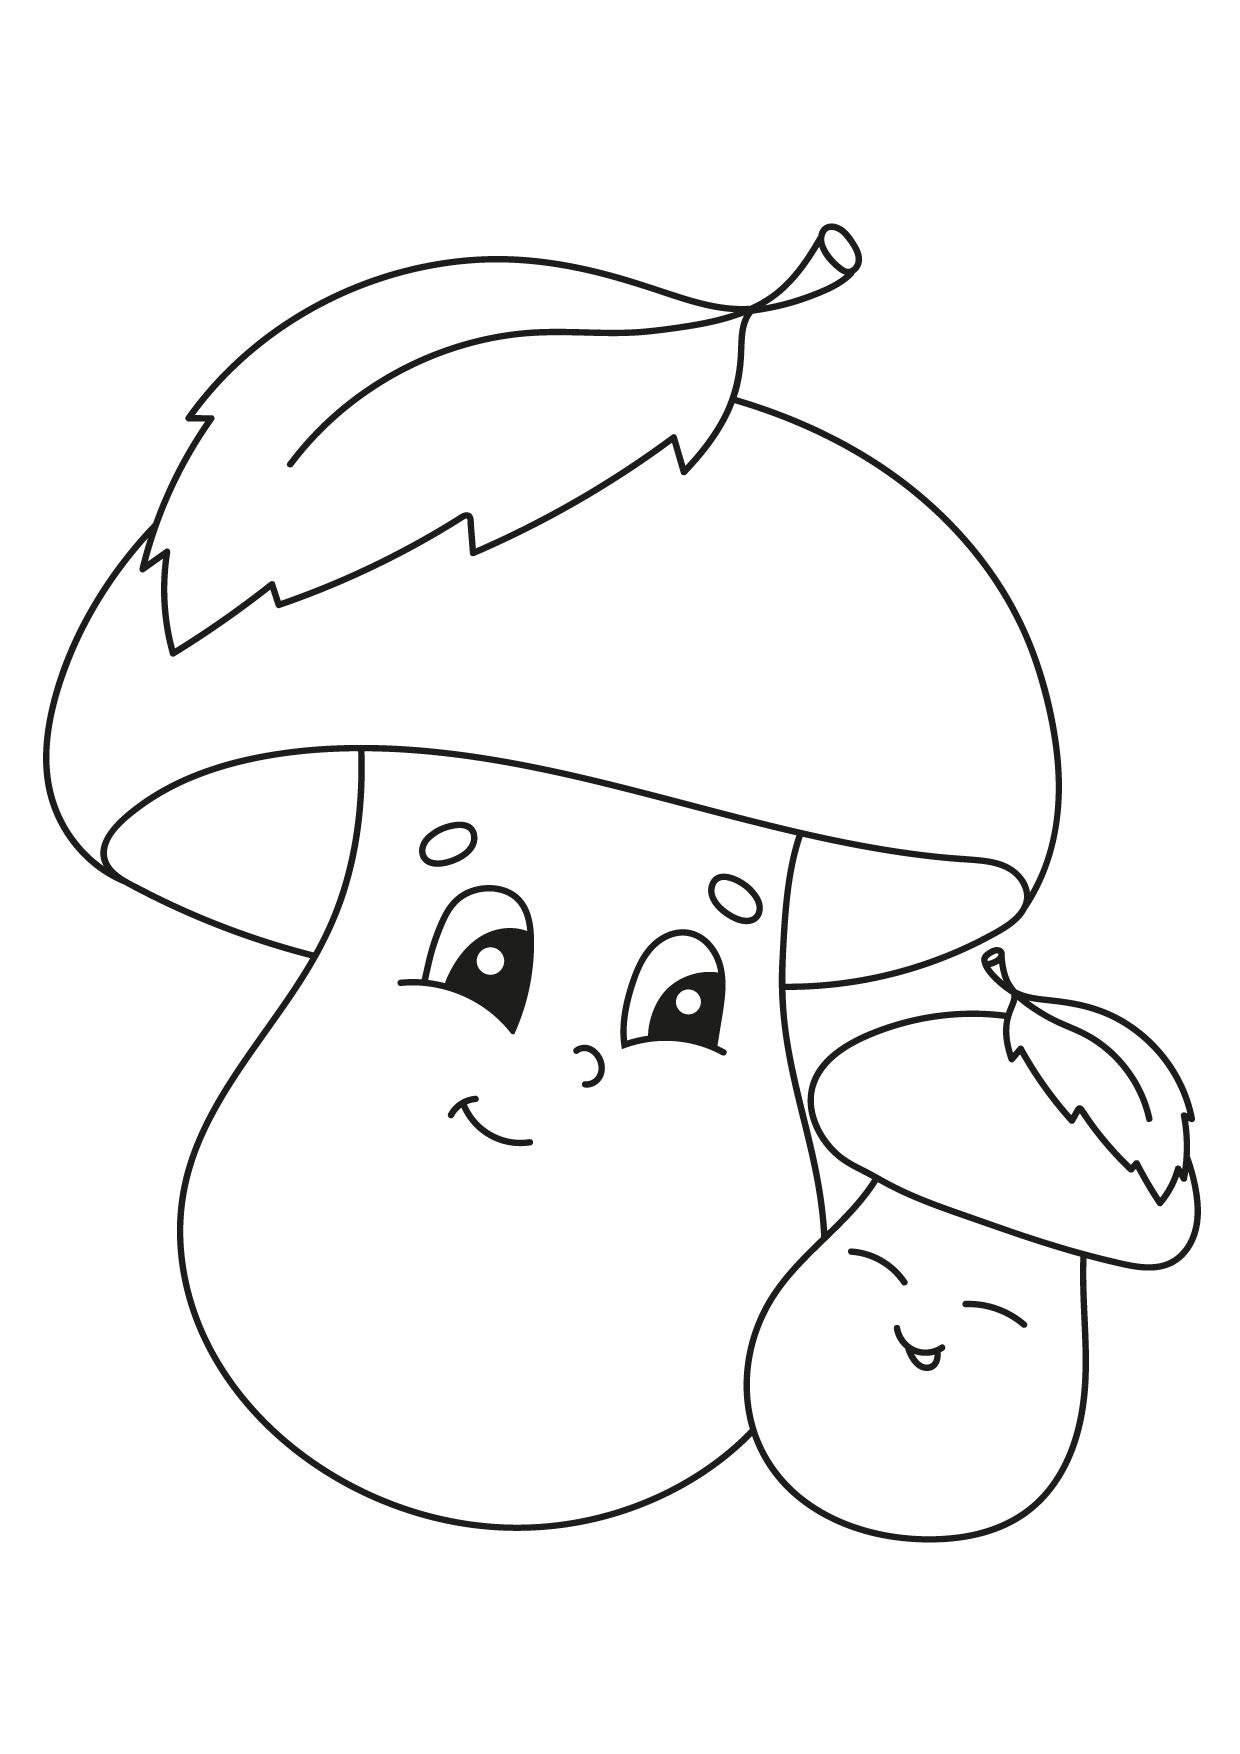 Disegno di funghi da colorare 02